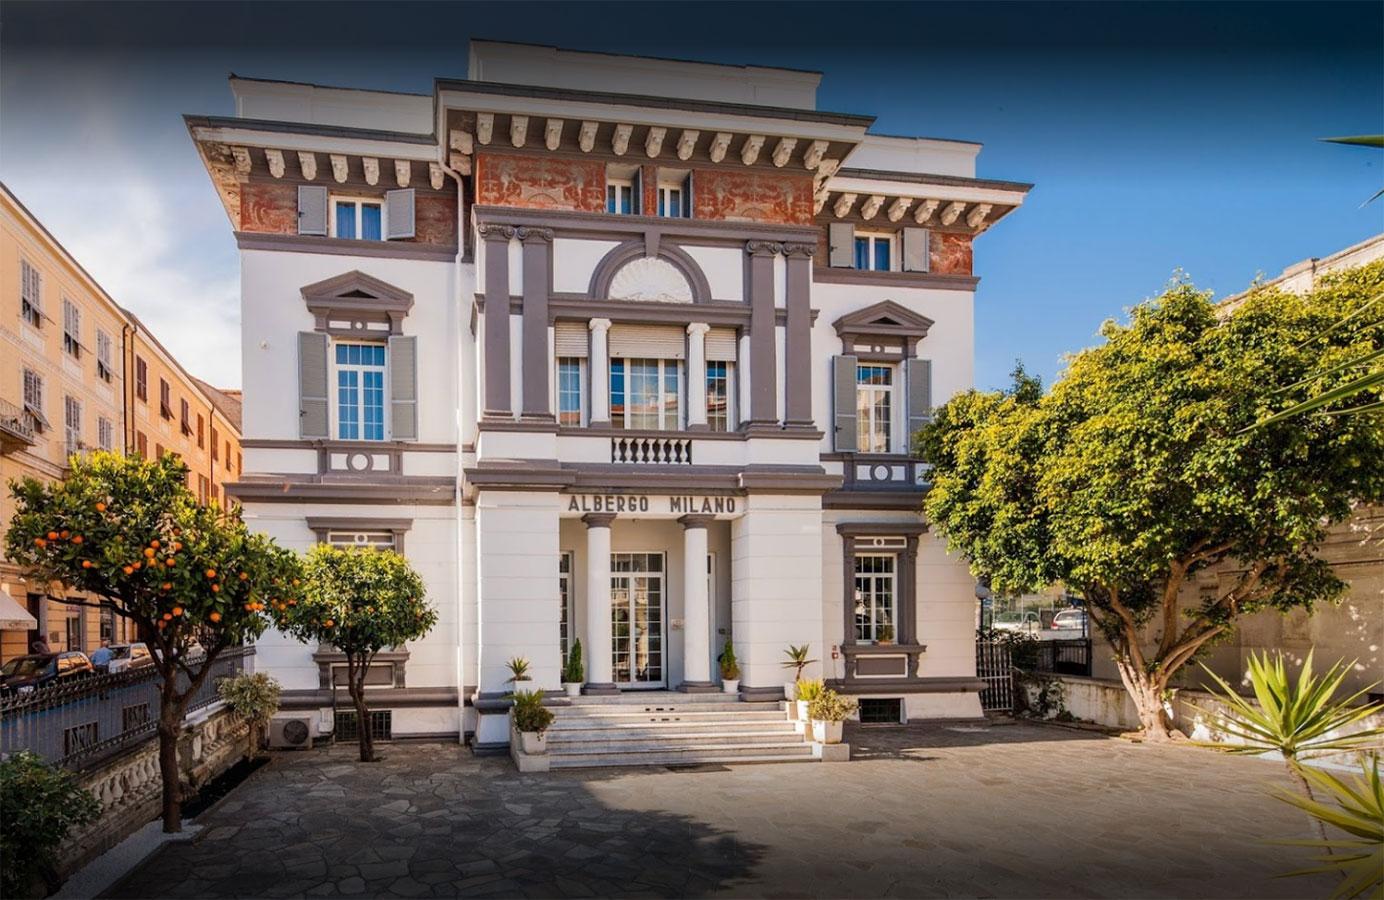 Hotel milano prenotazione albergo sanremo hotel in liguria for Hotel liguria milano